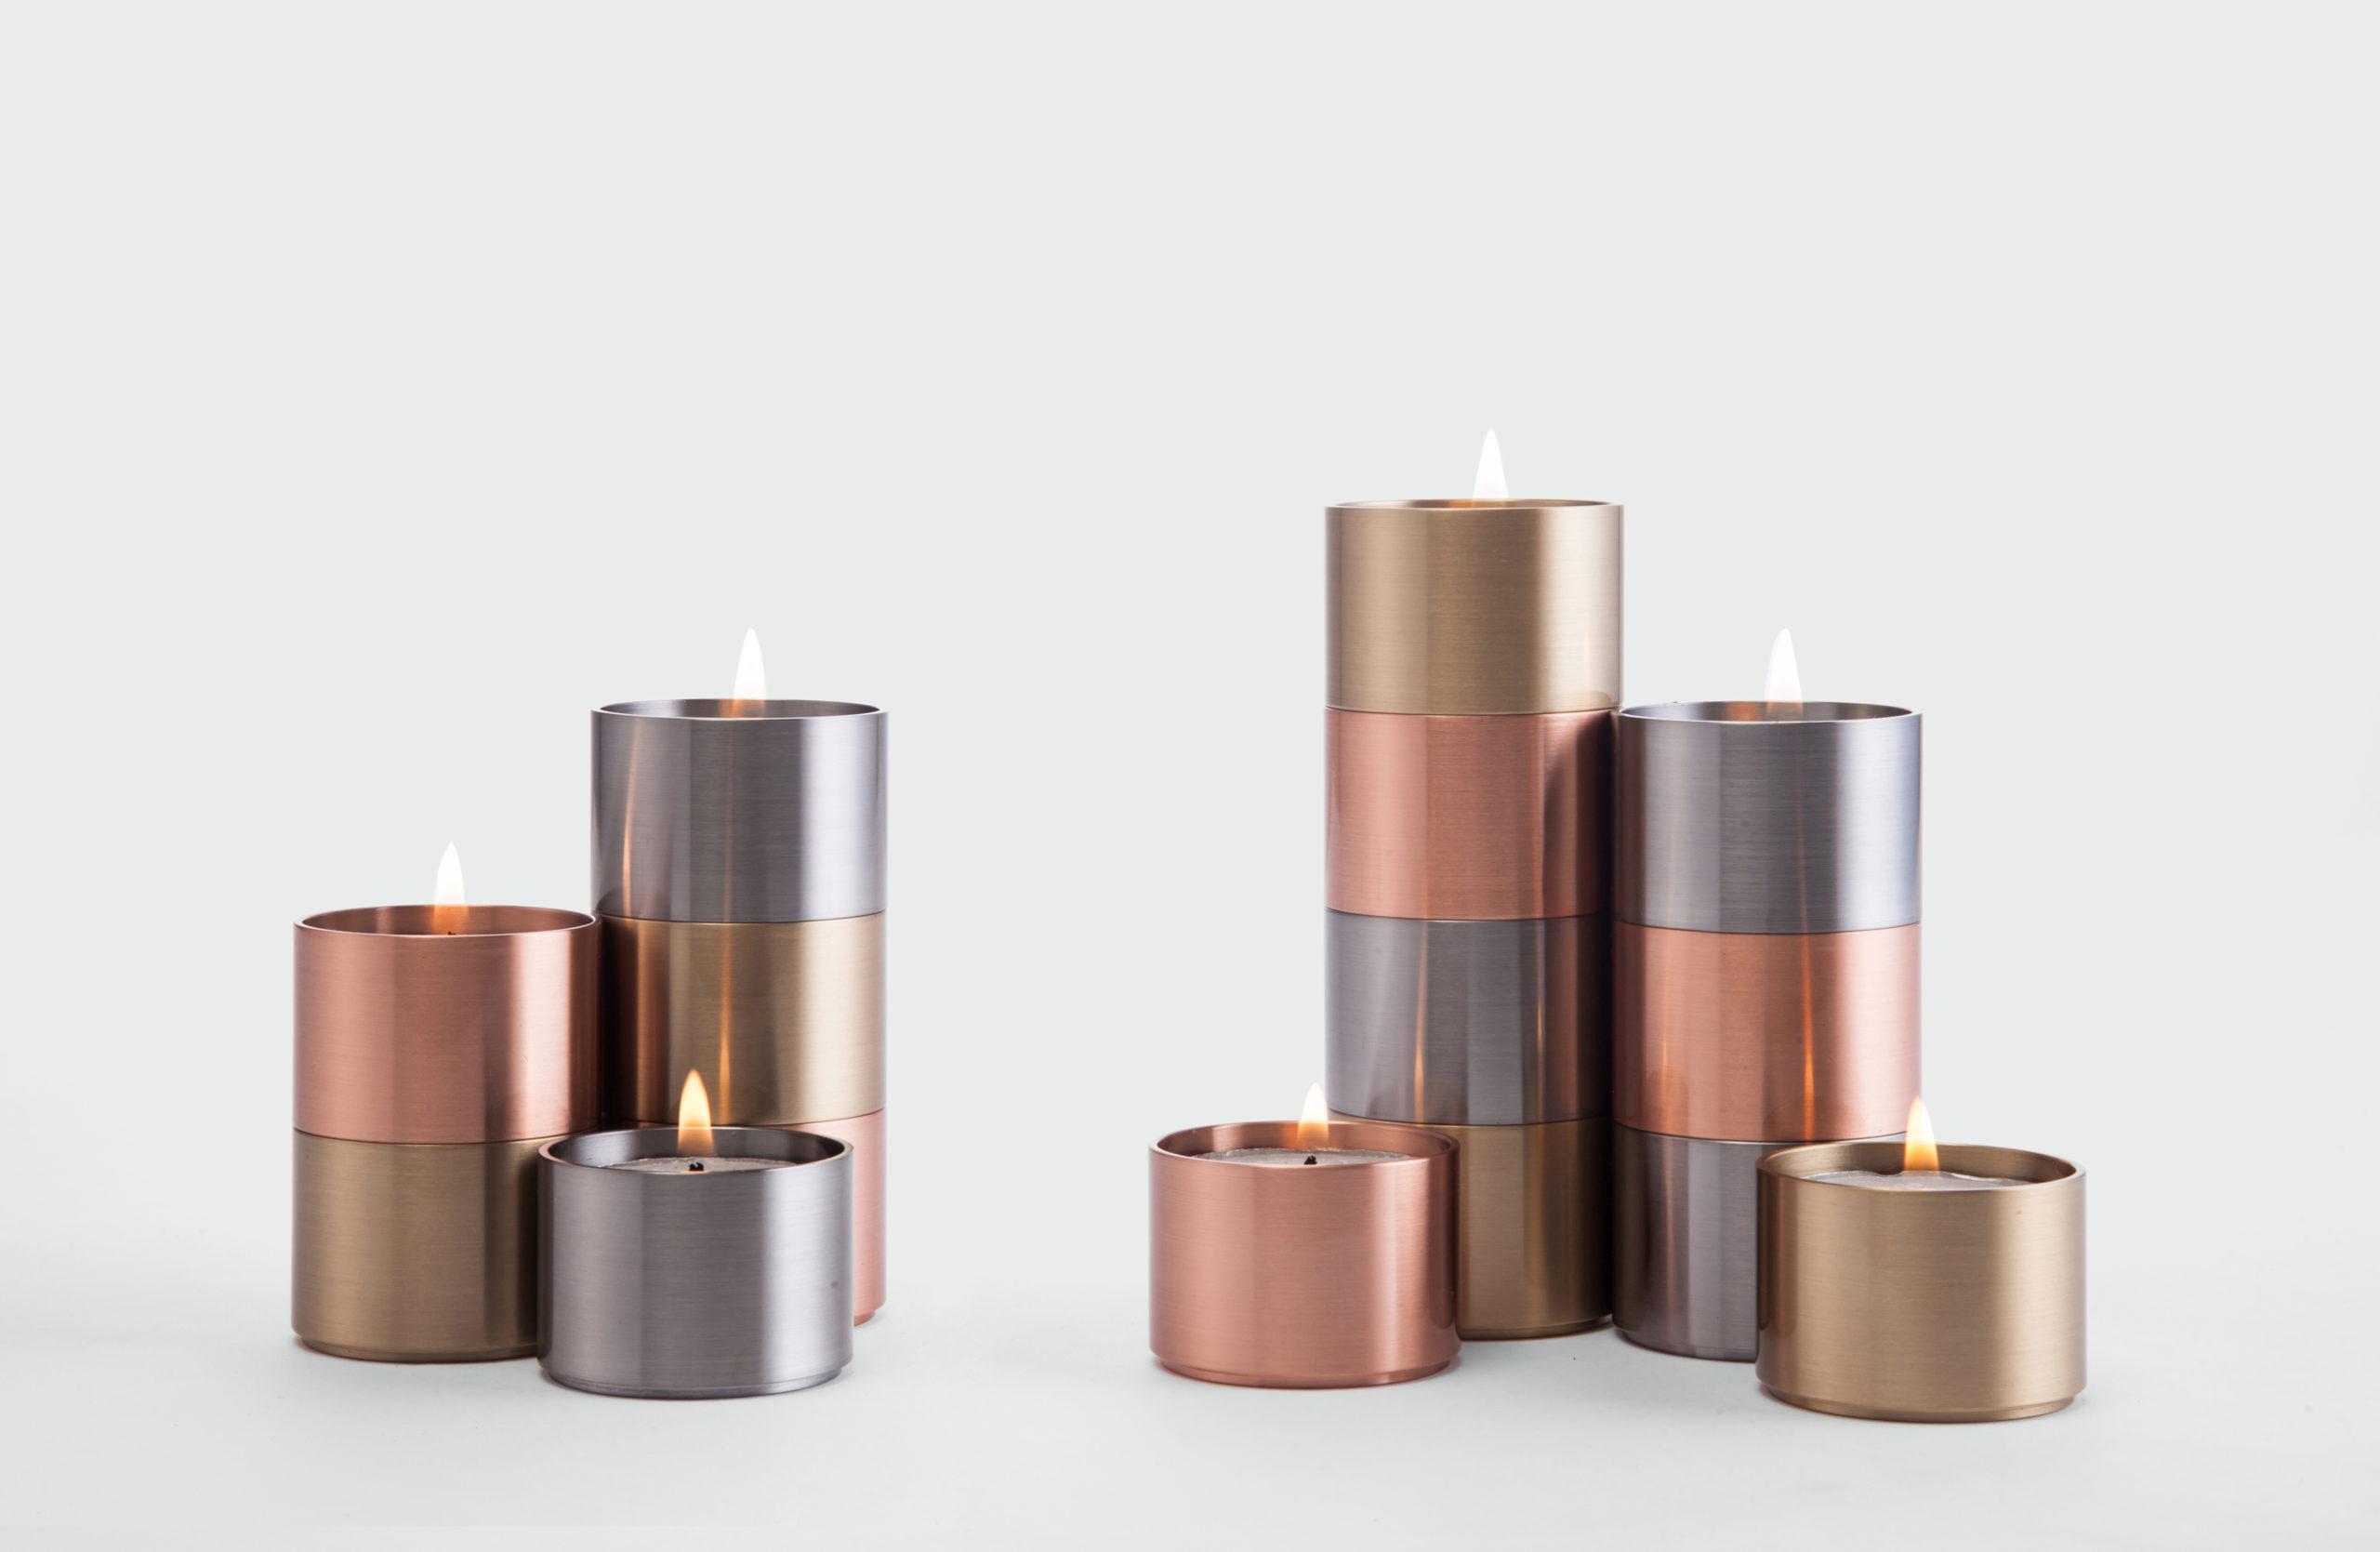 ARCHITECTMADE Trepas All Copper Brass Stainless Steel Peter Karpf